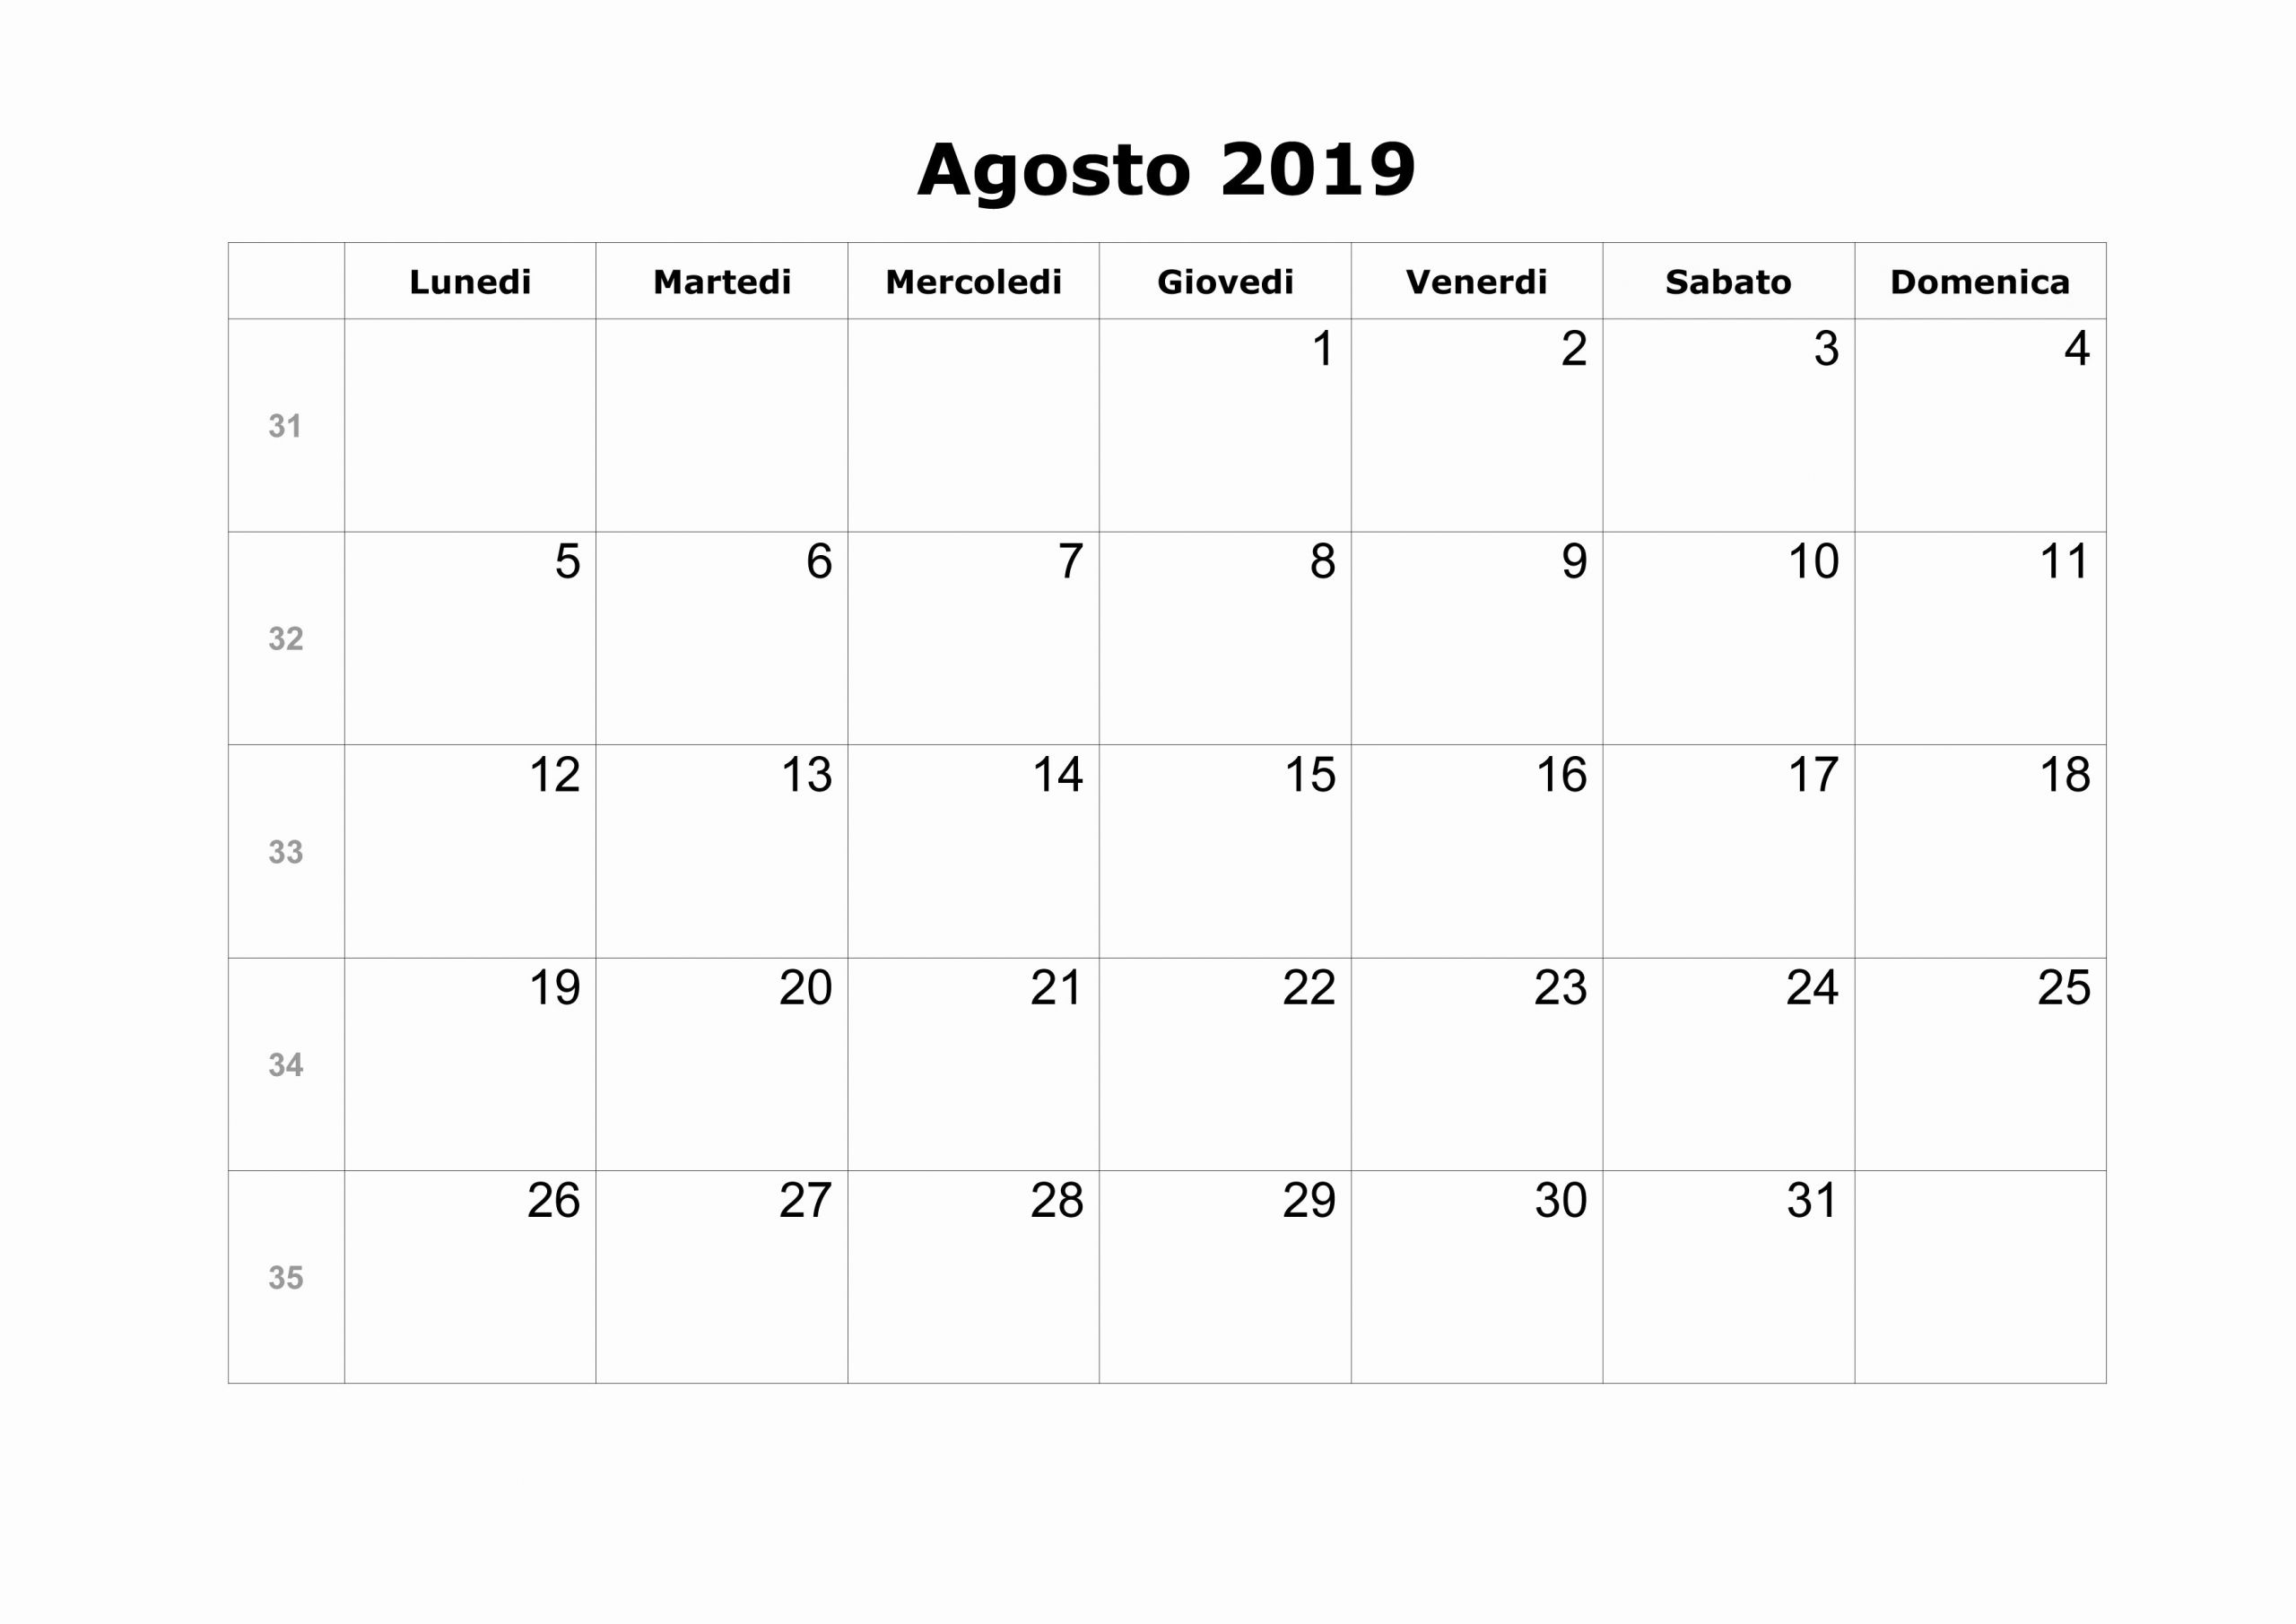 Calendario 2020 Bolivia Con Feriados Recientes Informaci³n Calendario 2019 Para Imprimir Con Foto Gratis Of Calendario 2020 Bolivia Con Feriados Más Recientes Negocios Y Clasificados2013 05 05 by El Informador Diario